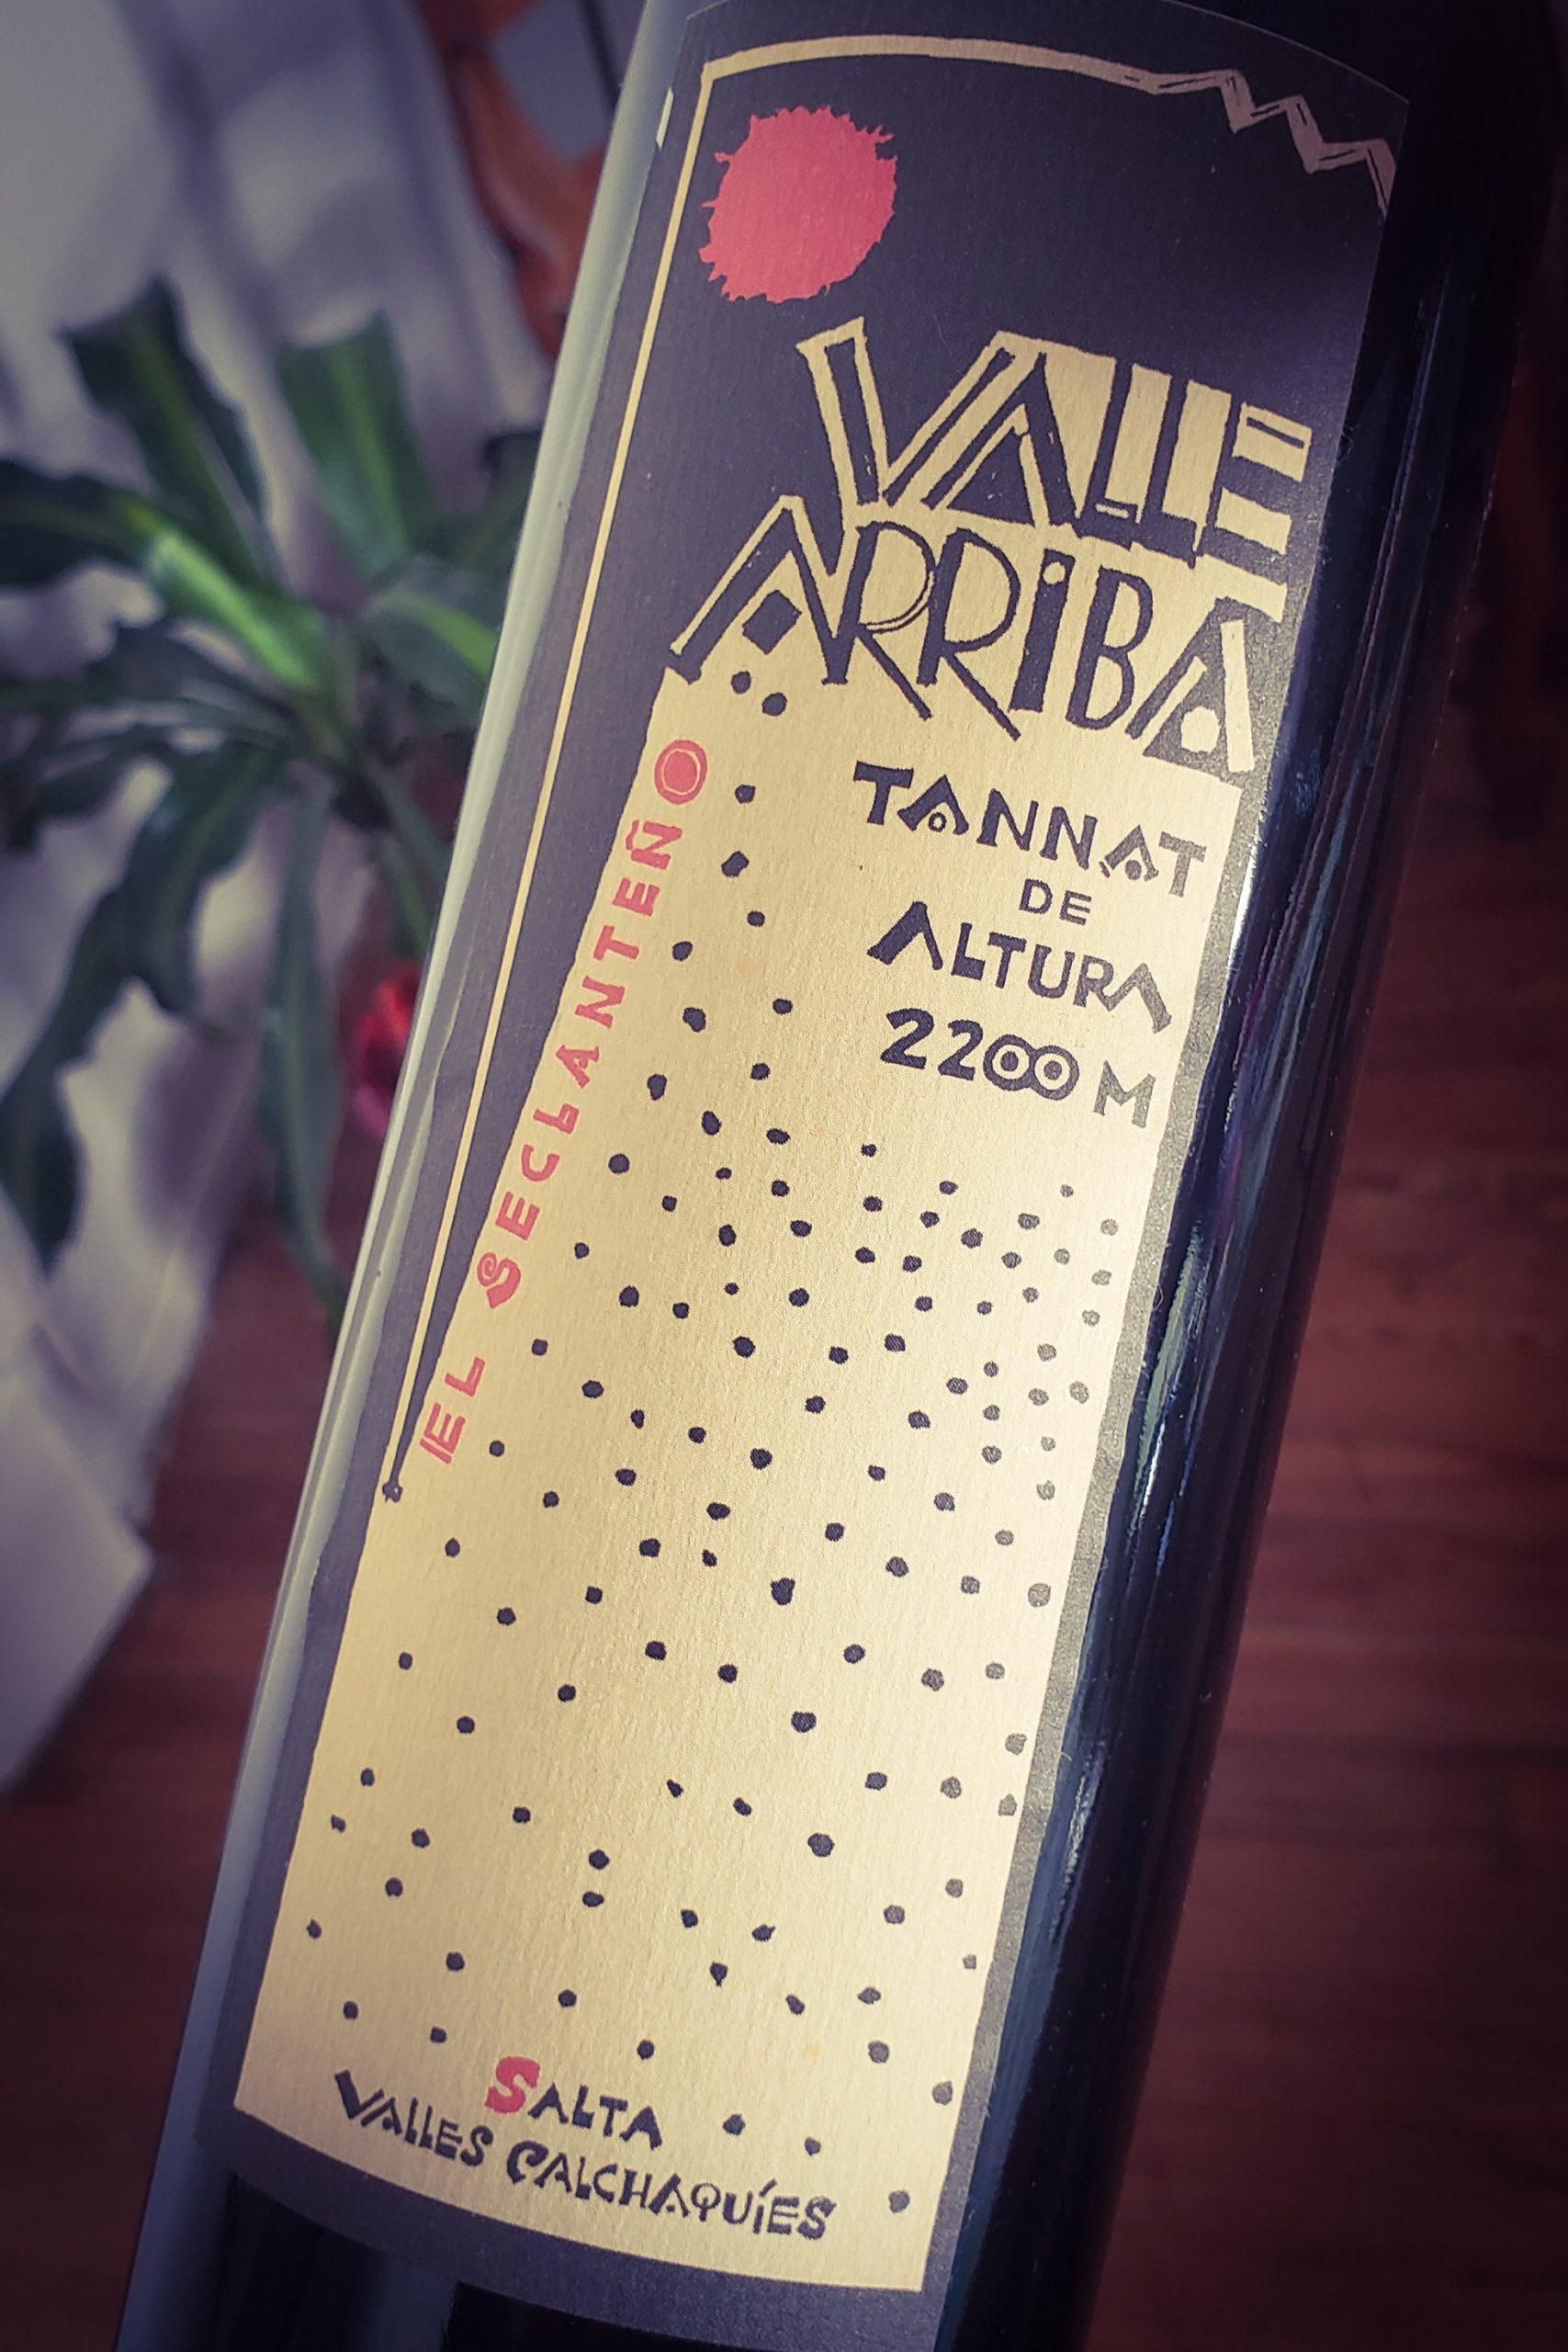 vinos de autor - valle arriba